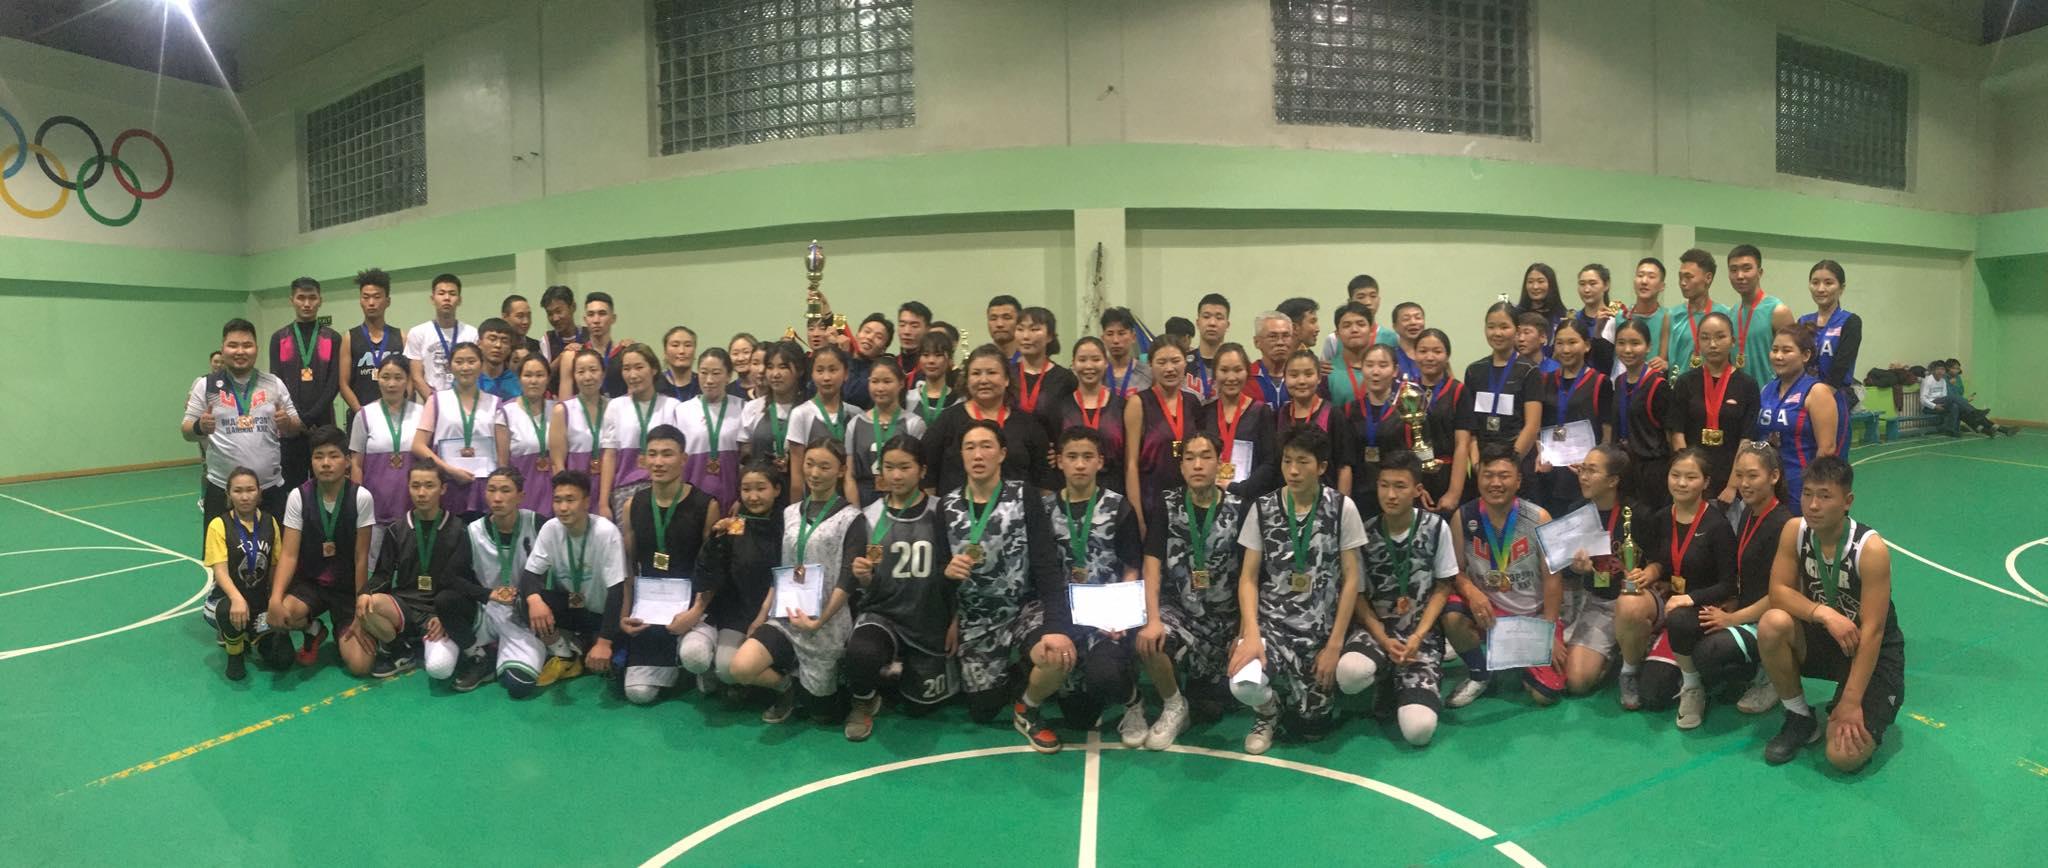 Оюутан сурагчдын дунд сагсан бөмбөгийн аварга шалгаруулах тэмцээн боллоо